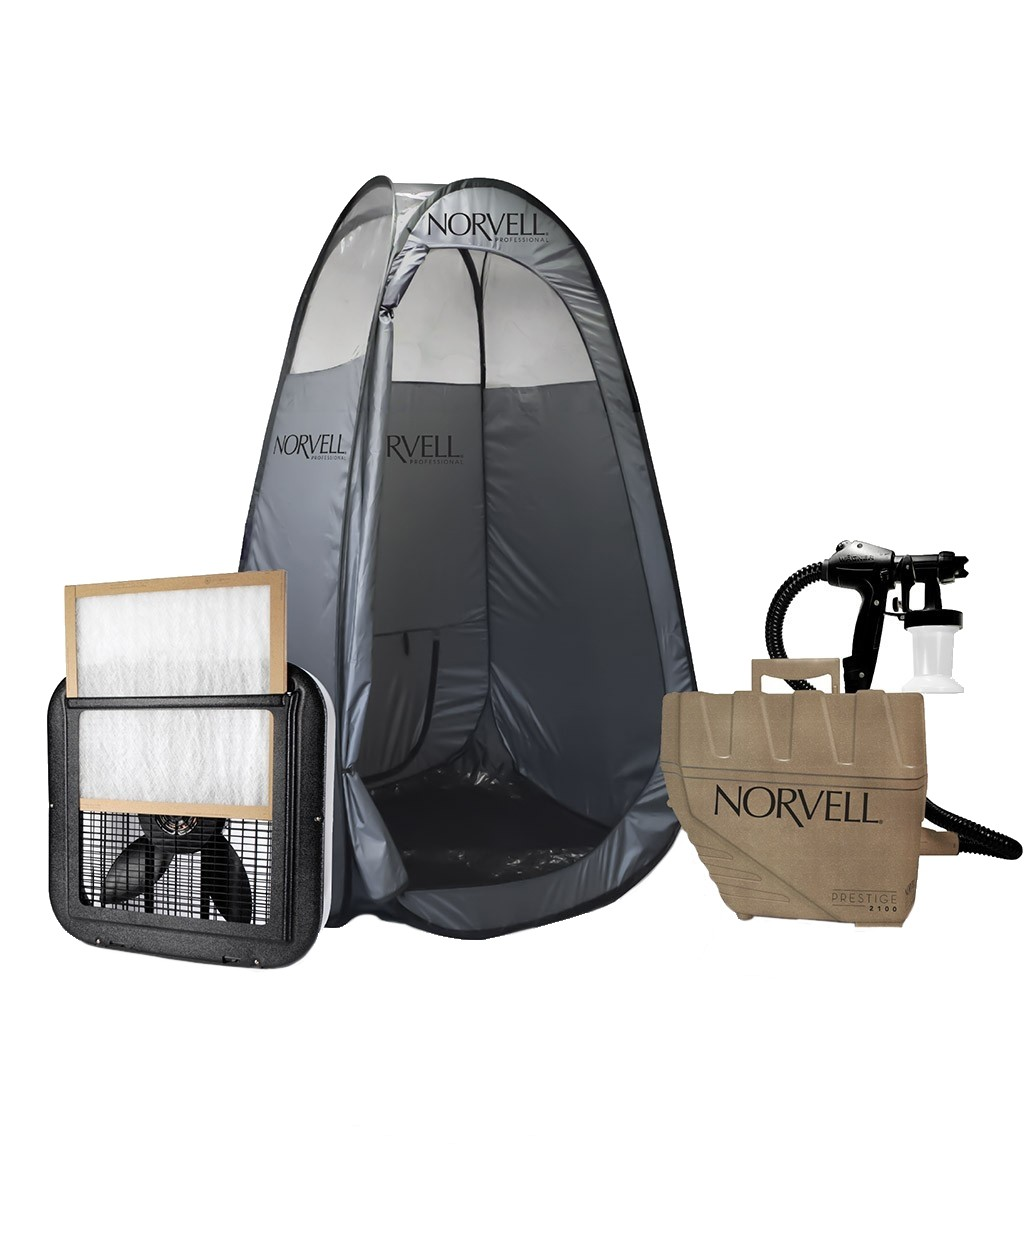 Norvell Sunless Prestige Sunless Spray Kit